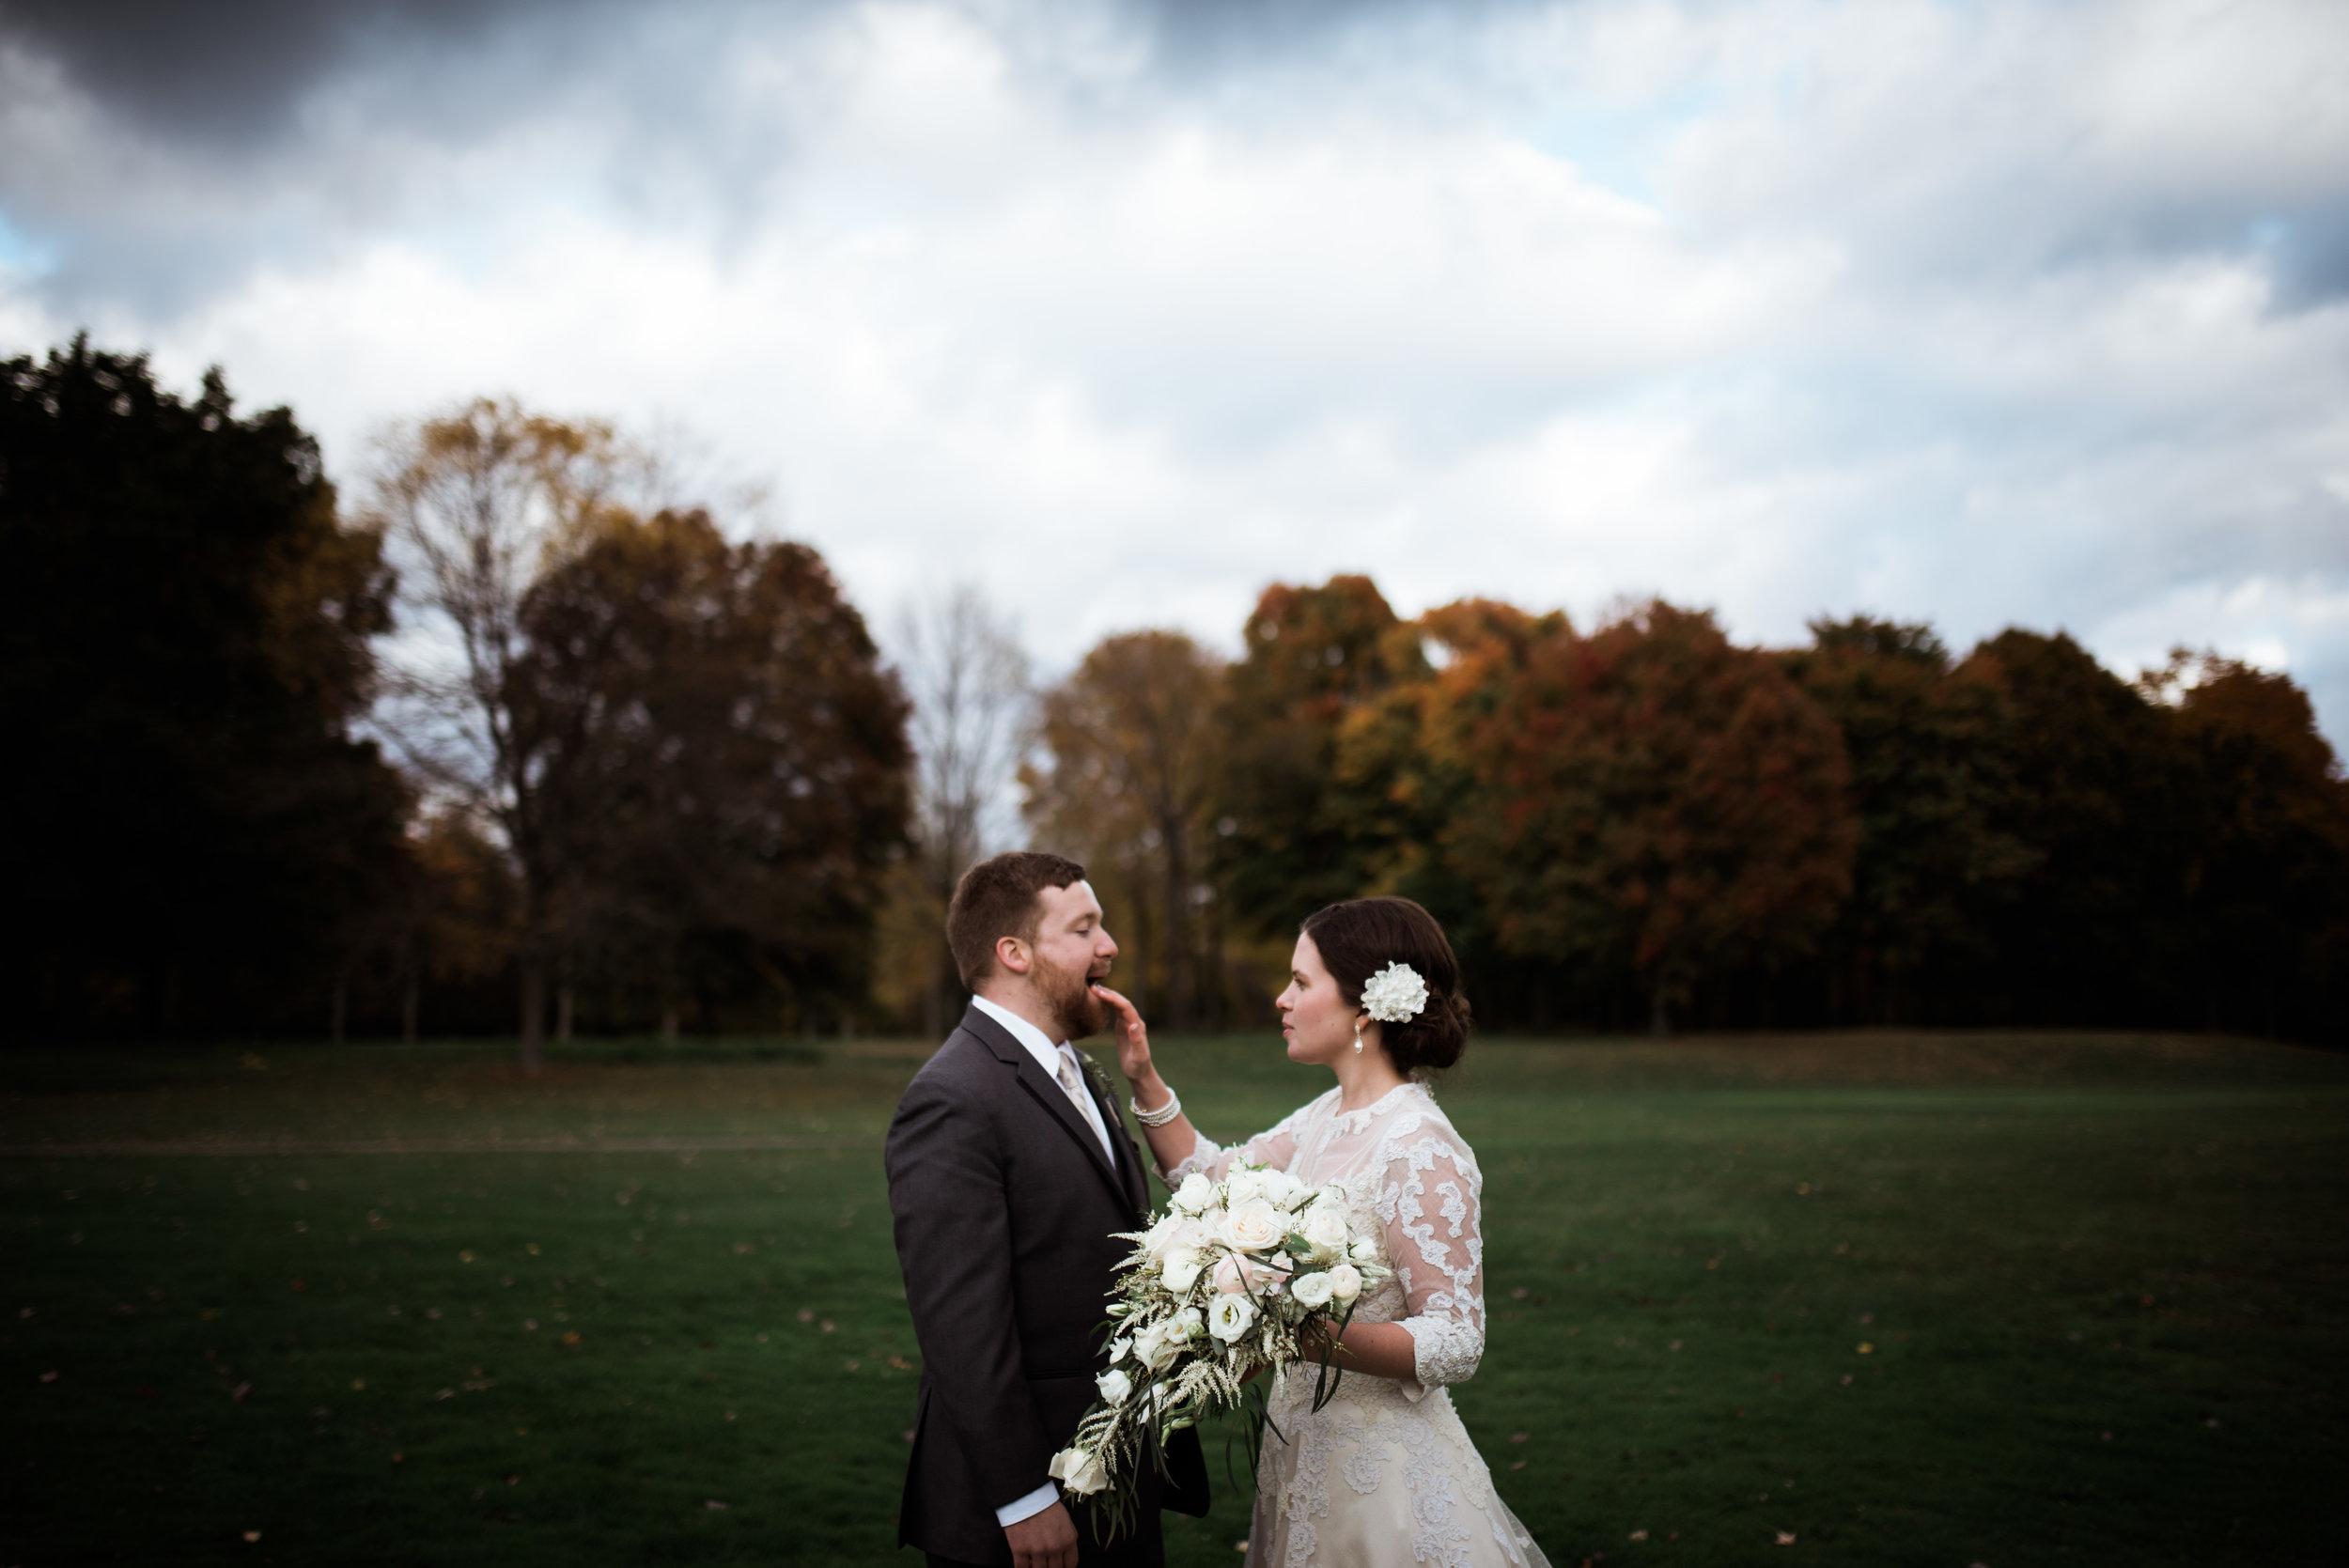 woodcock wedding469.JPG